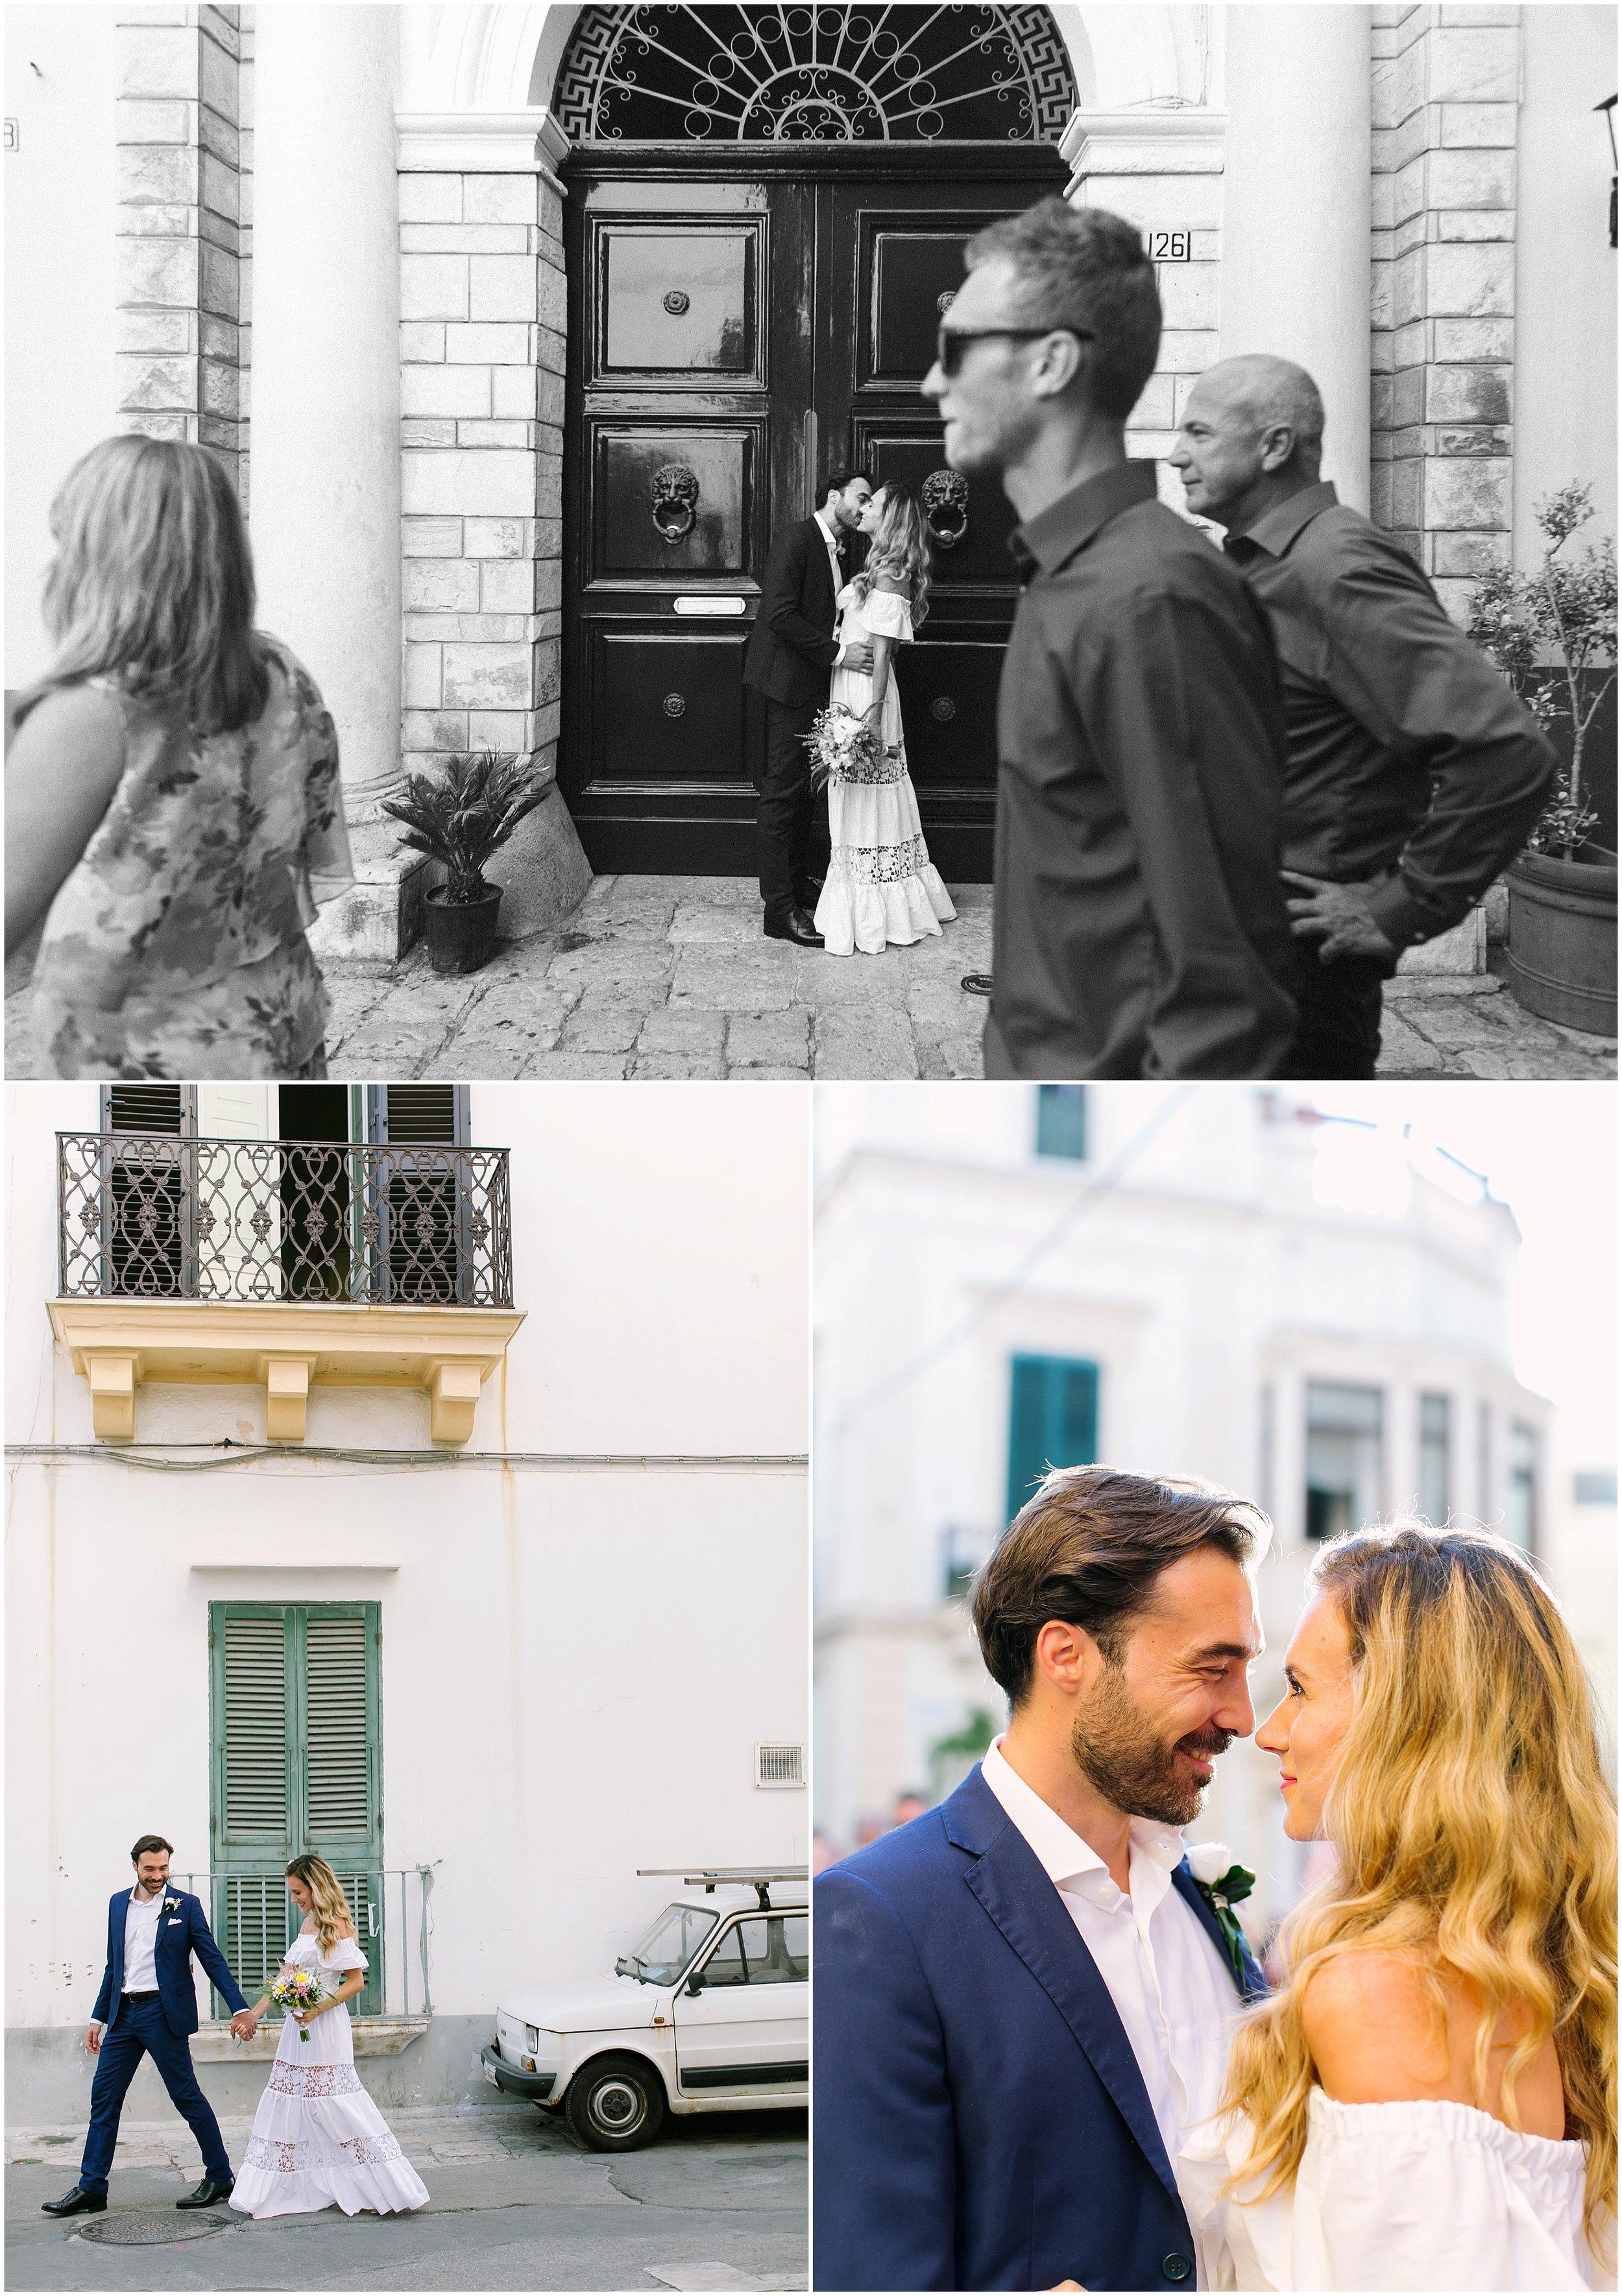 Alea Lovely Destination Wedding Photographer Italy_0033.jpg